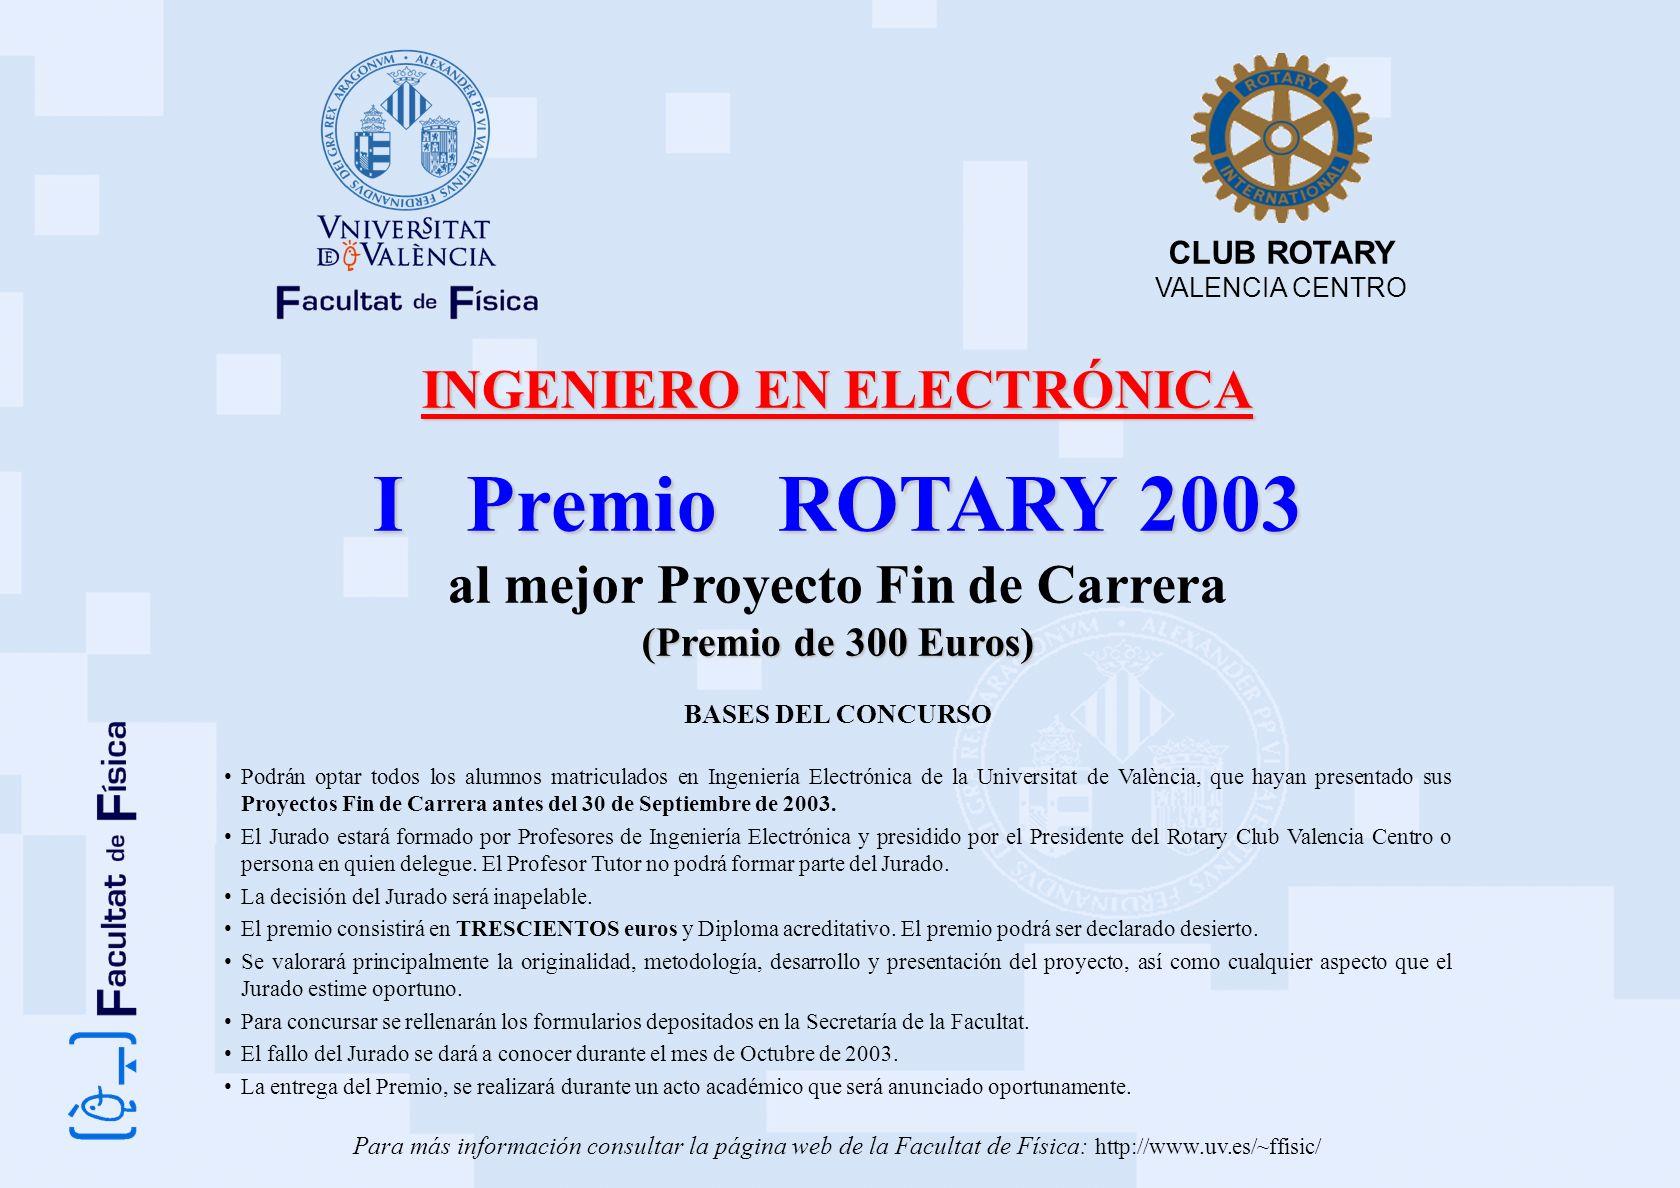 INGENIERO EN ELECTRÓNICA al mejor Proyecto Fin de Carrera